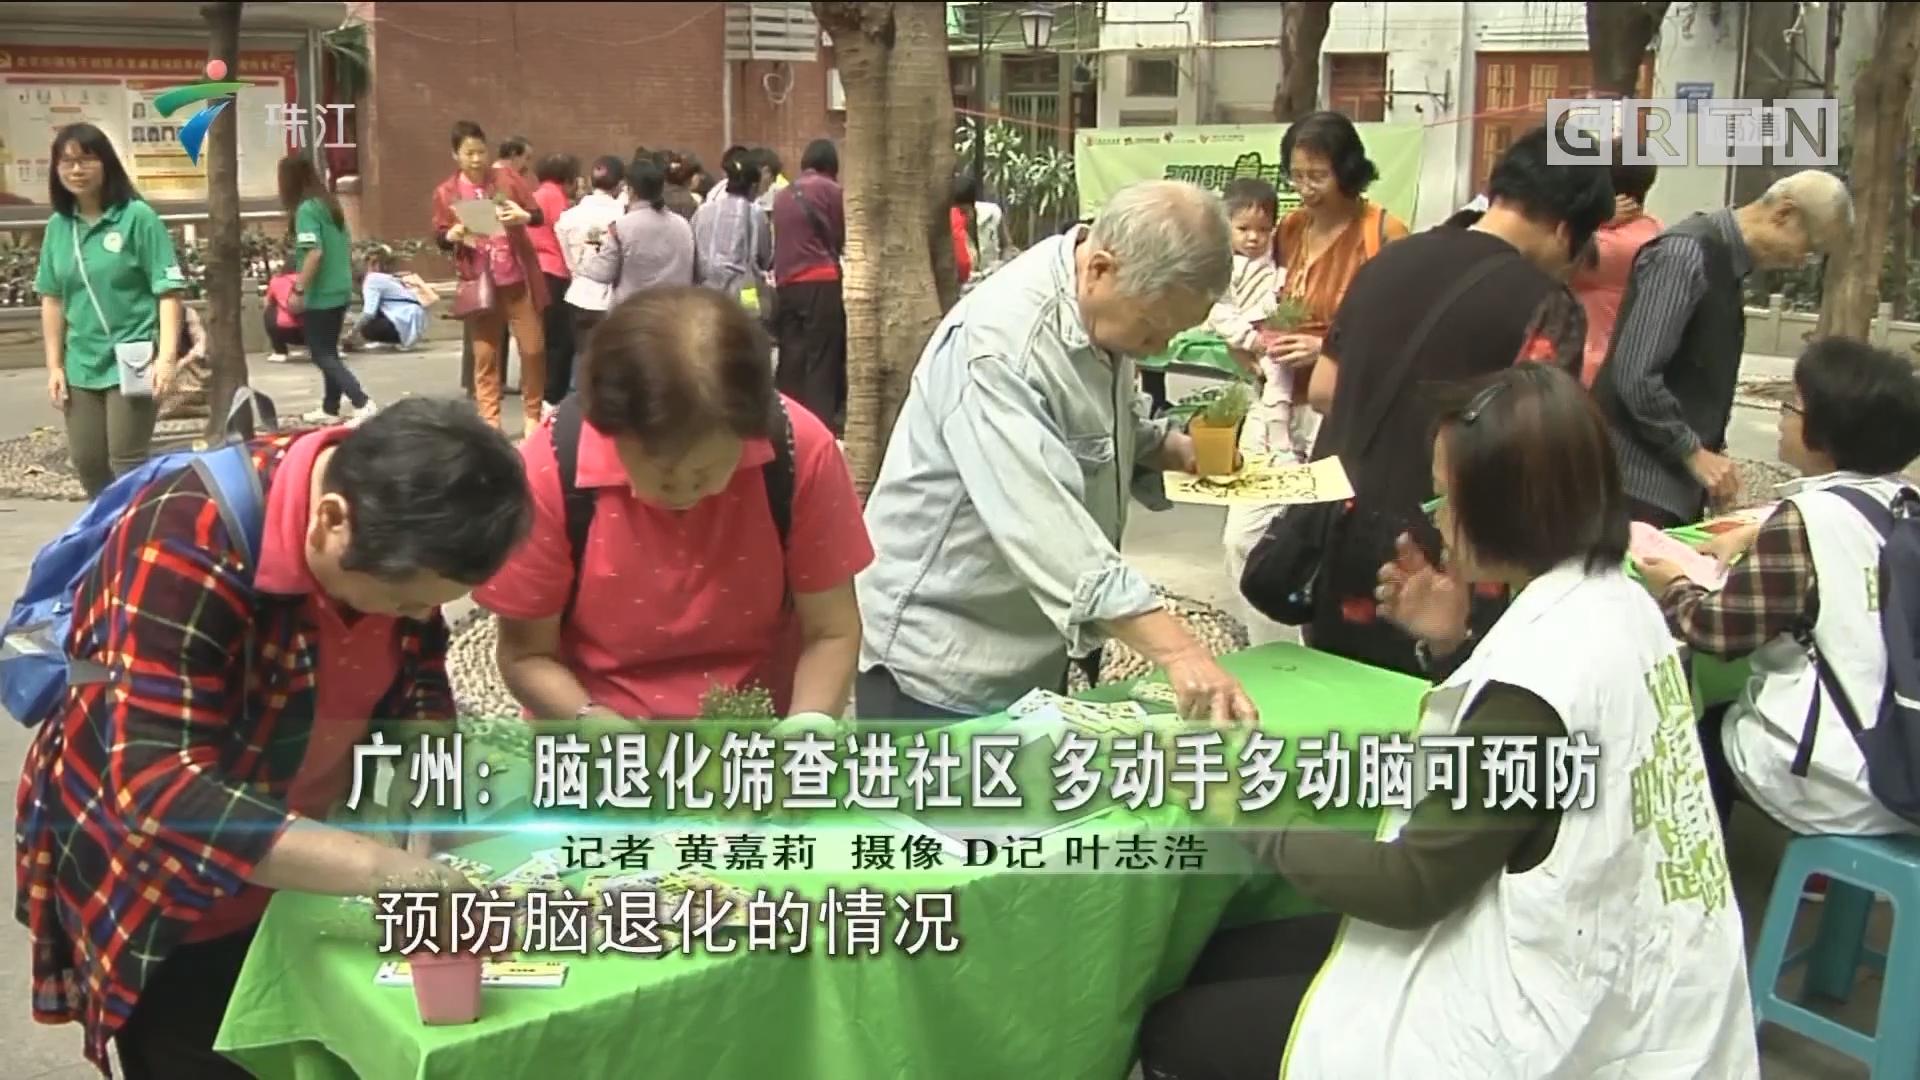 广州:脑退化筛查进社区 多动手多动脑可预防